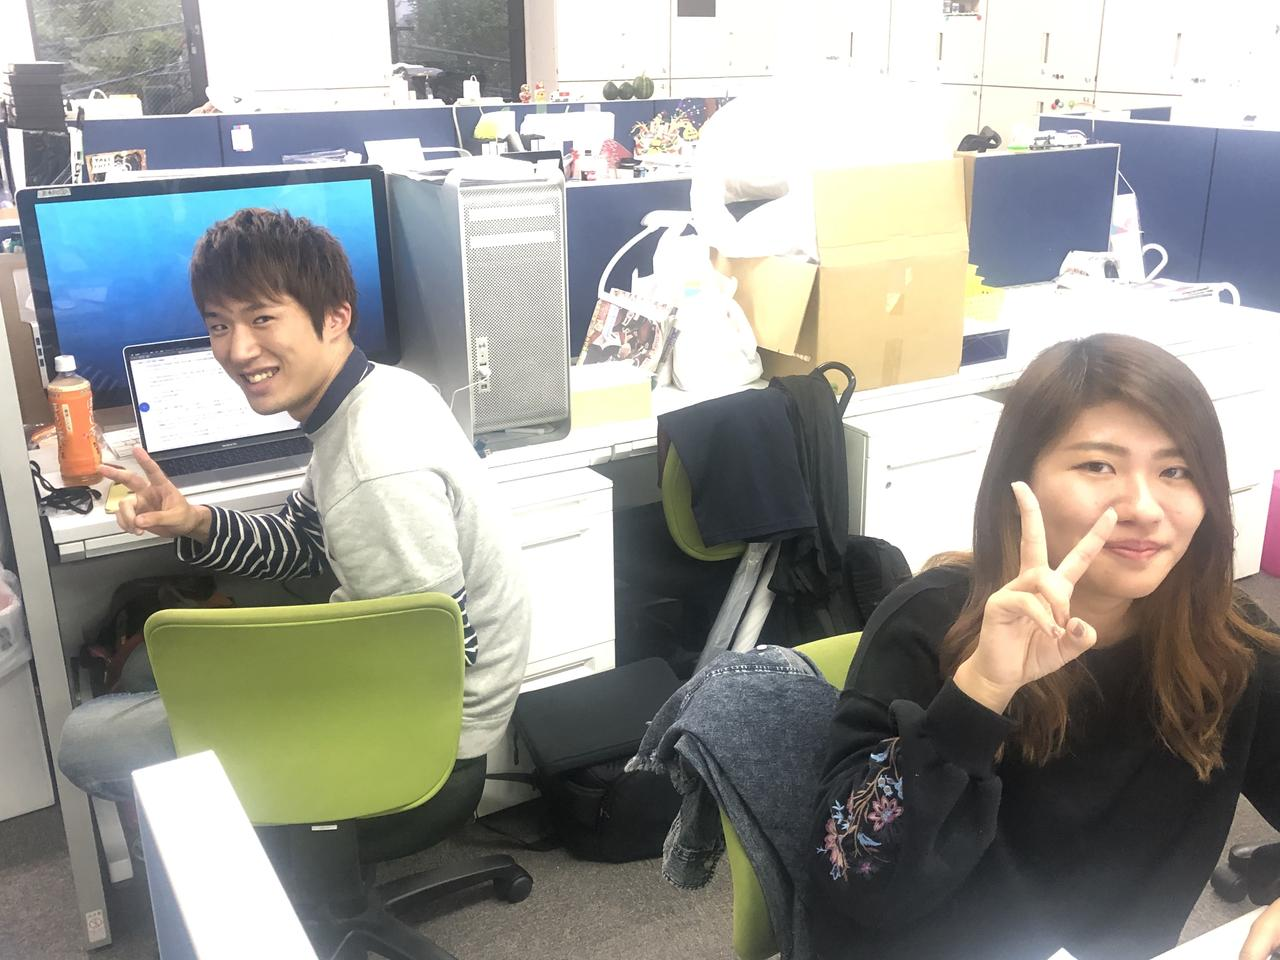 画像: 左が吉本くん。右が原嶋ちゃん。竹内くんは会社にいませんでしたので写真なし。 竹内くんは最近髪を切りイケメンになりました(私的に)